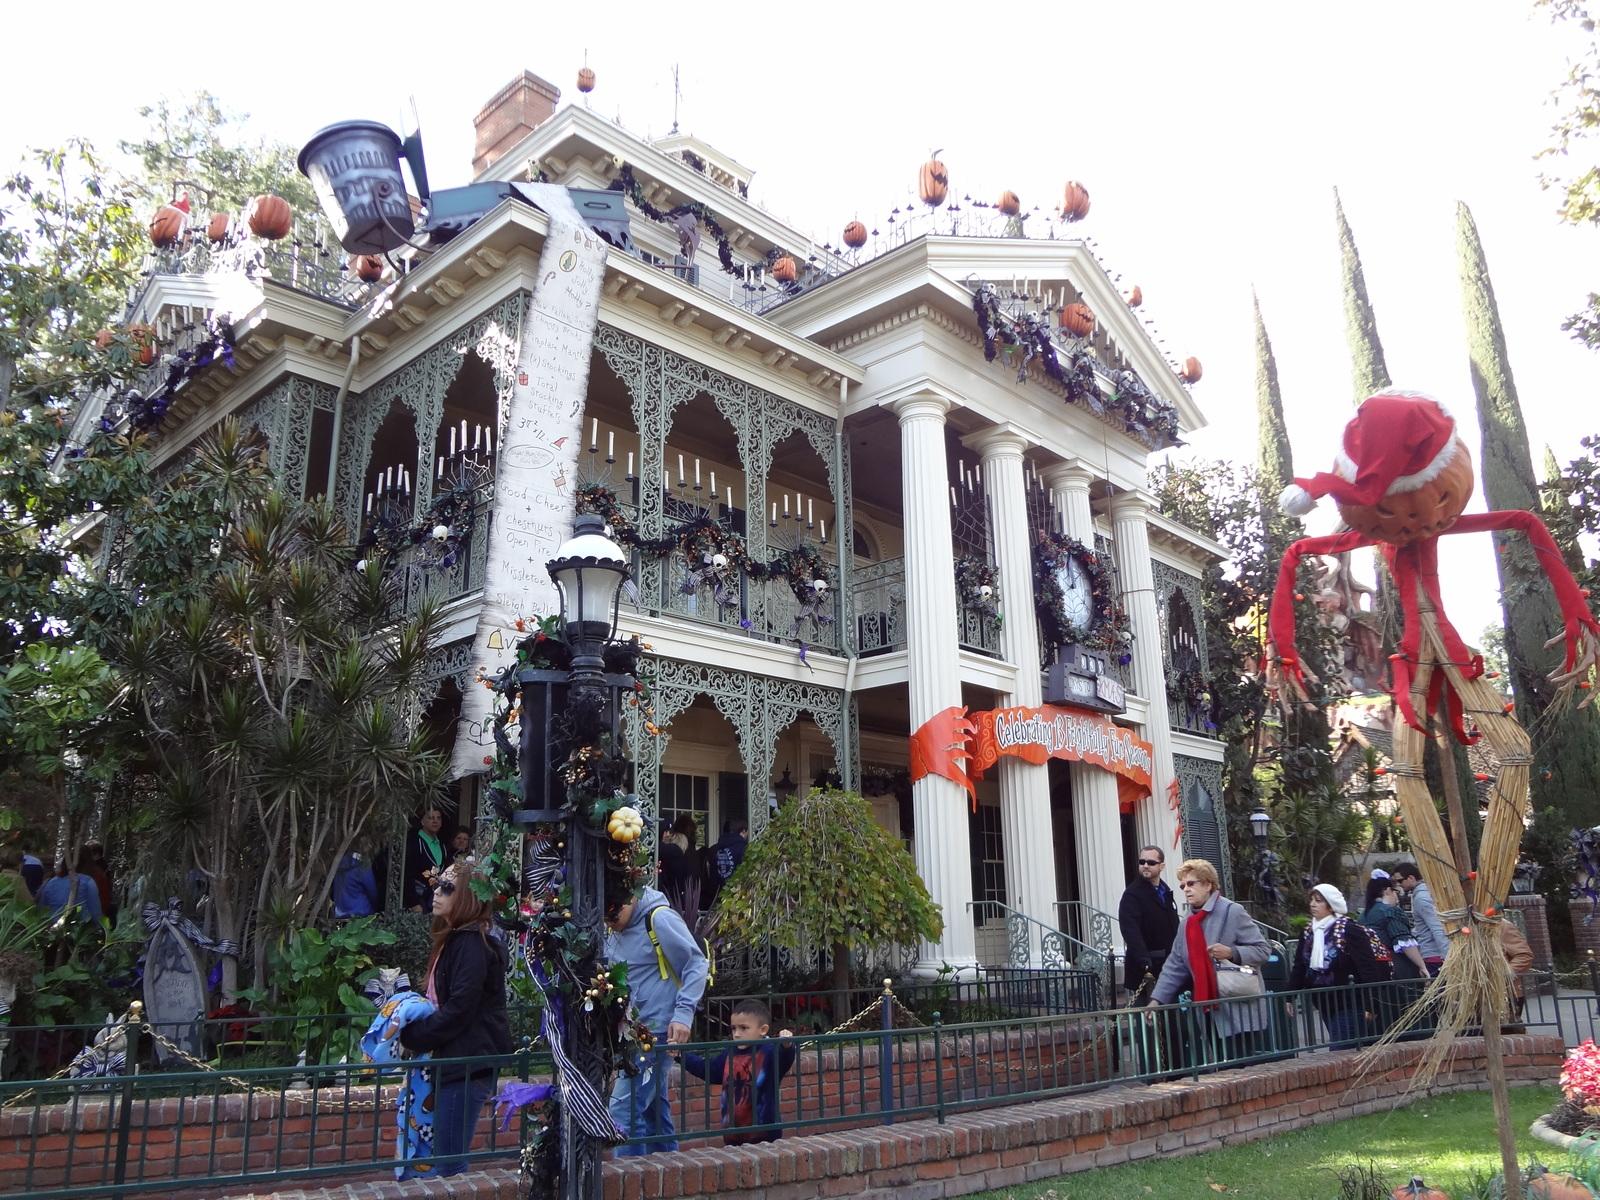 Haunted Mansion Renovations May be Spooky at Disneyland